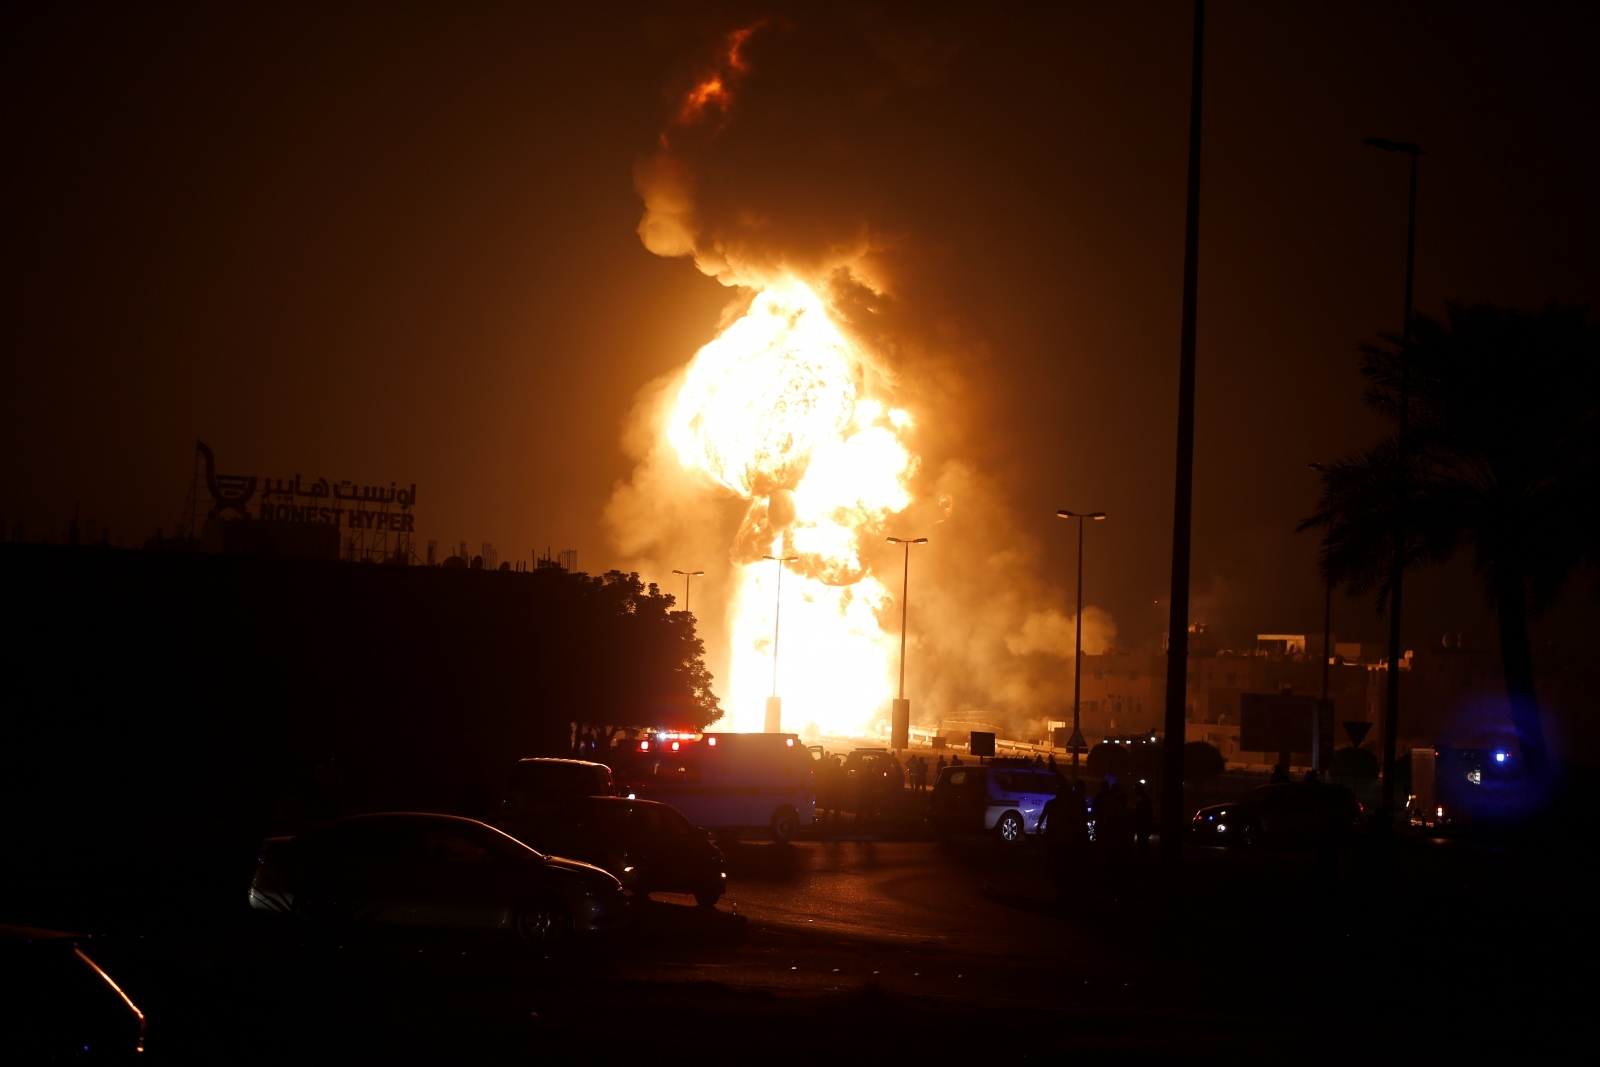 Bahrain oil pipeline fire